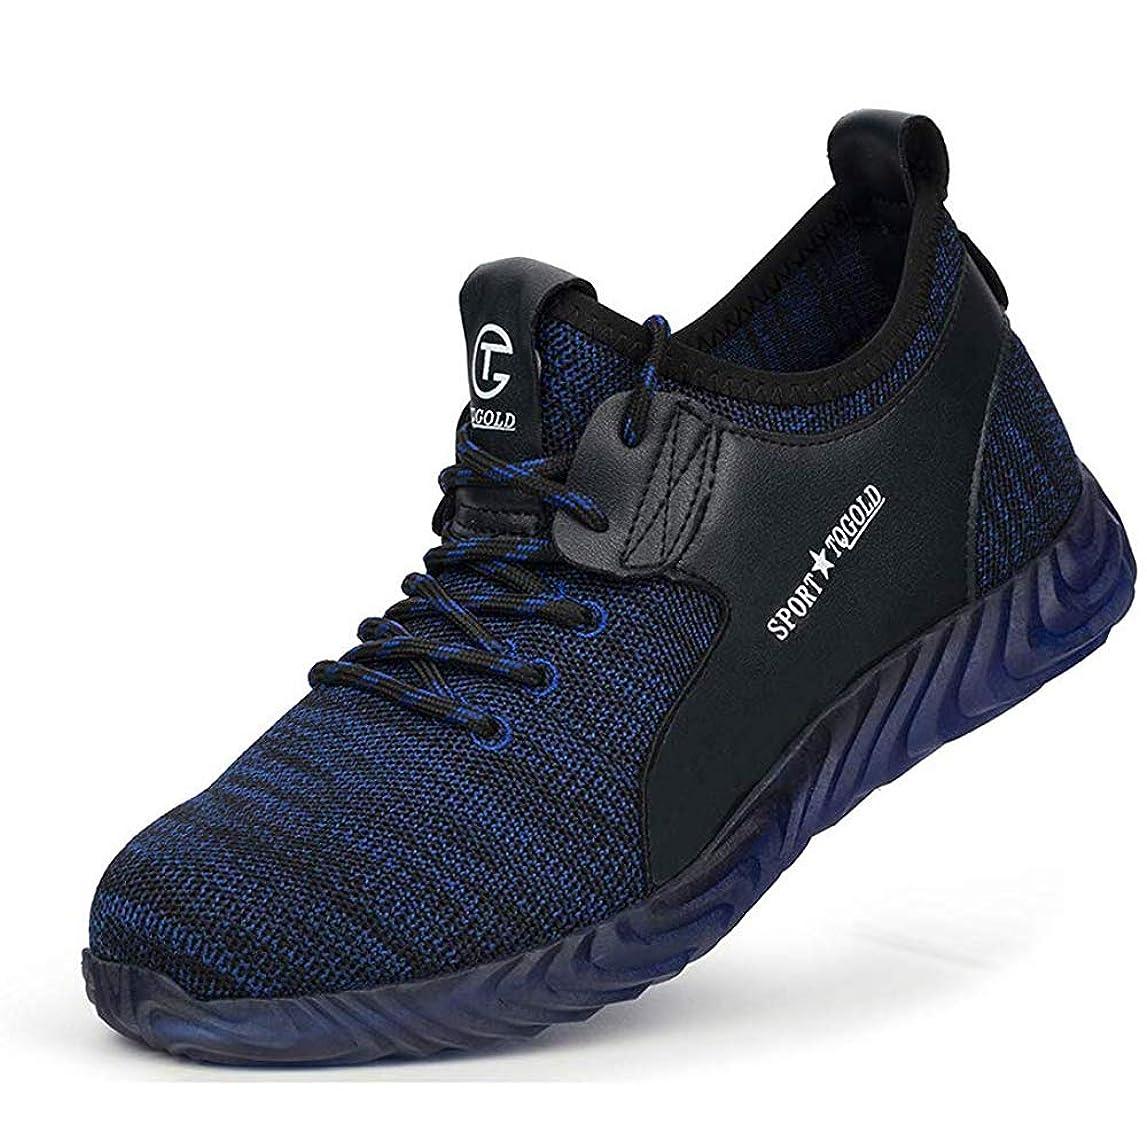 過ち契約した地震安全靴 スニーカー 作業靴 メンズ レディース ハイカット ブーツ 鋼芯入り 先芯 メッシュ 通気性 軽量 防滑 防臭 おしゃれ 冬 夏場対応 防護靴 男女兼用 SFY144